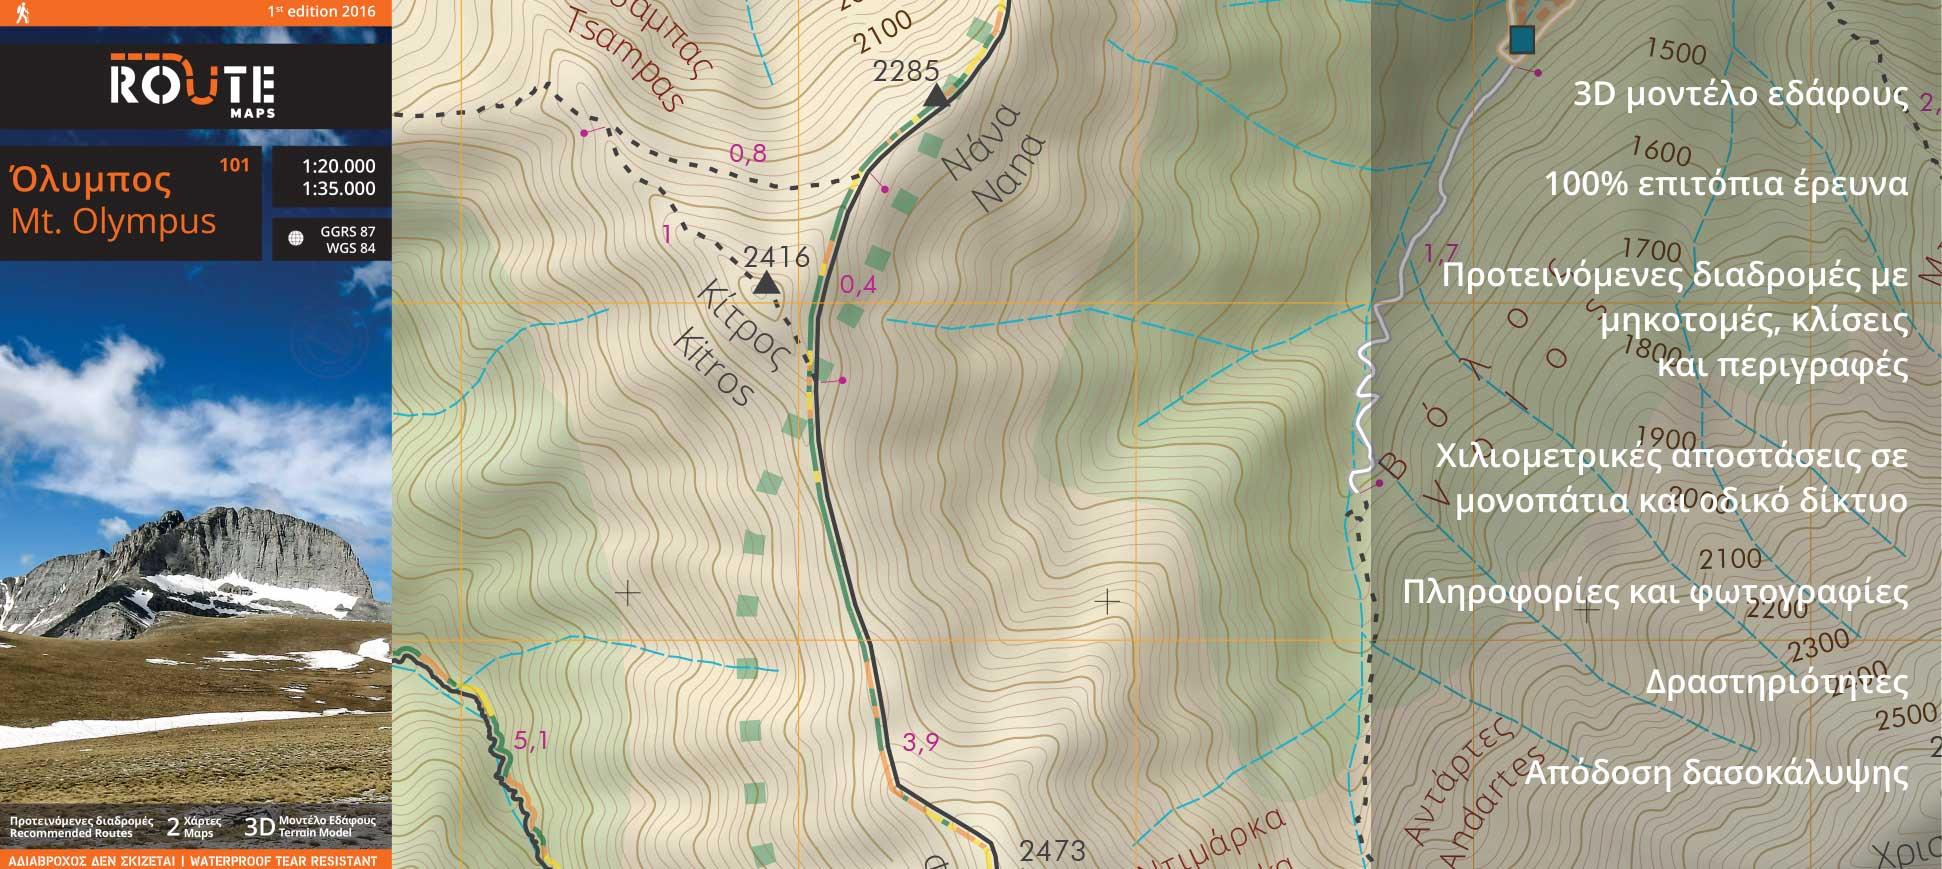 Χάρτης Oλύμπου - μικρογραφία